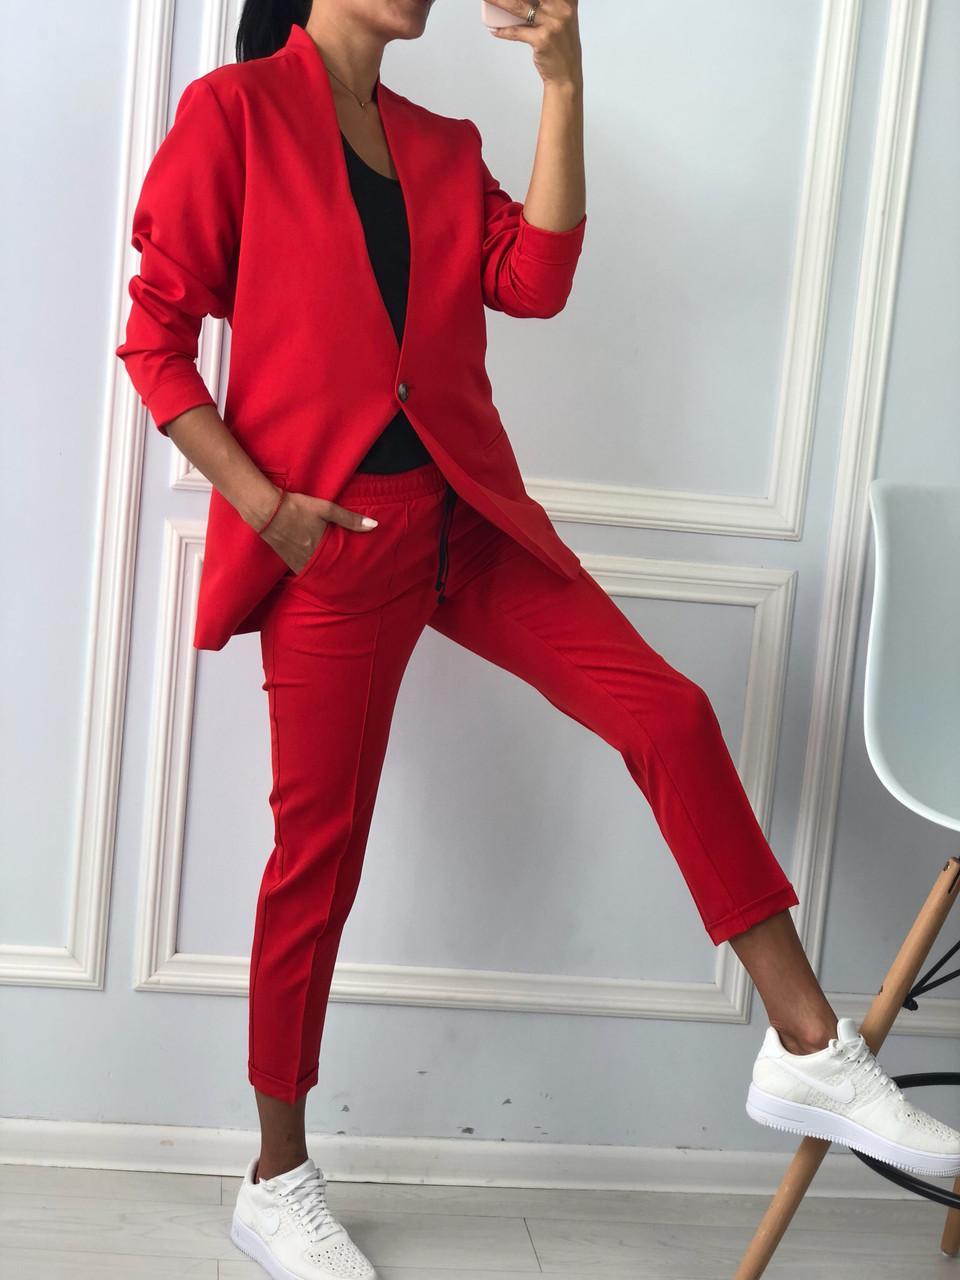 d536459903c Новинка!!!! Деловой женский брючный костюм с пиджаком красного цвета ...